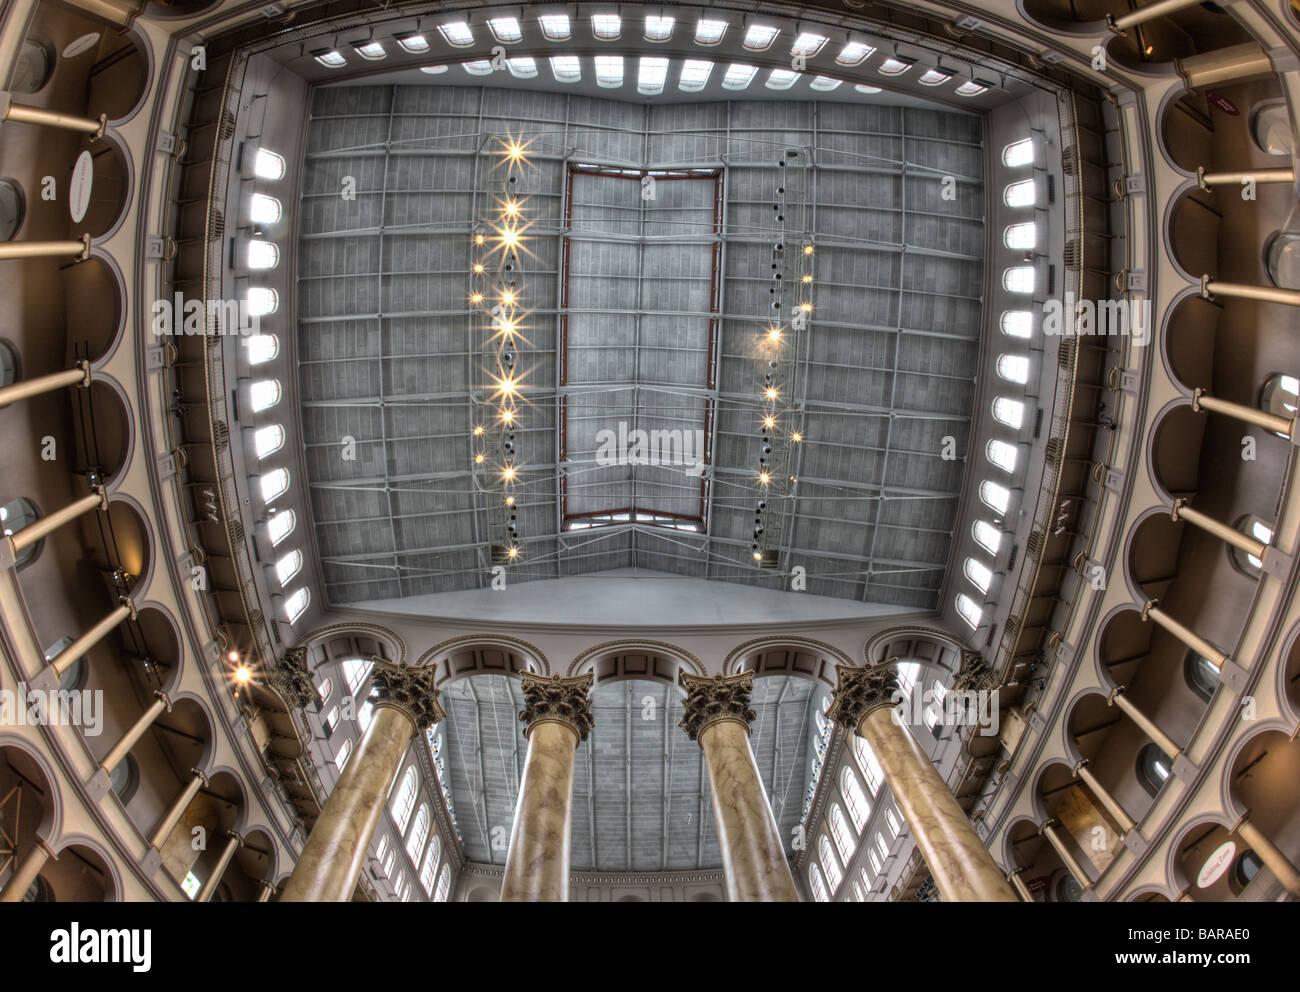 Esto es una imagen HDR del techo del National Building Museum en Washington, DC, un museo de arquitectura y diseño. Foto de stock